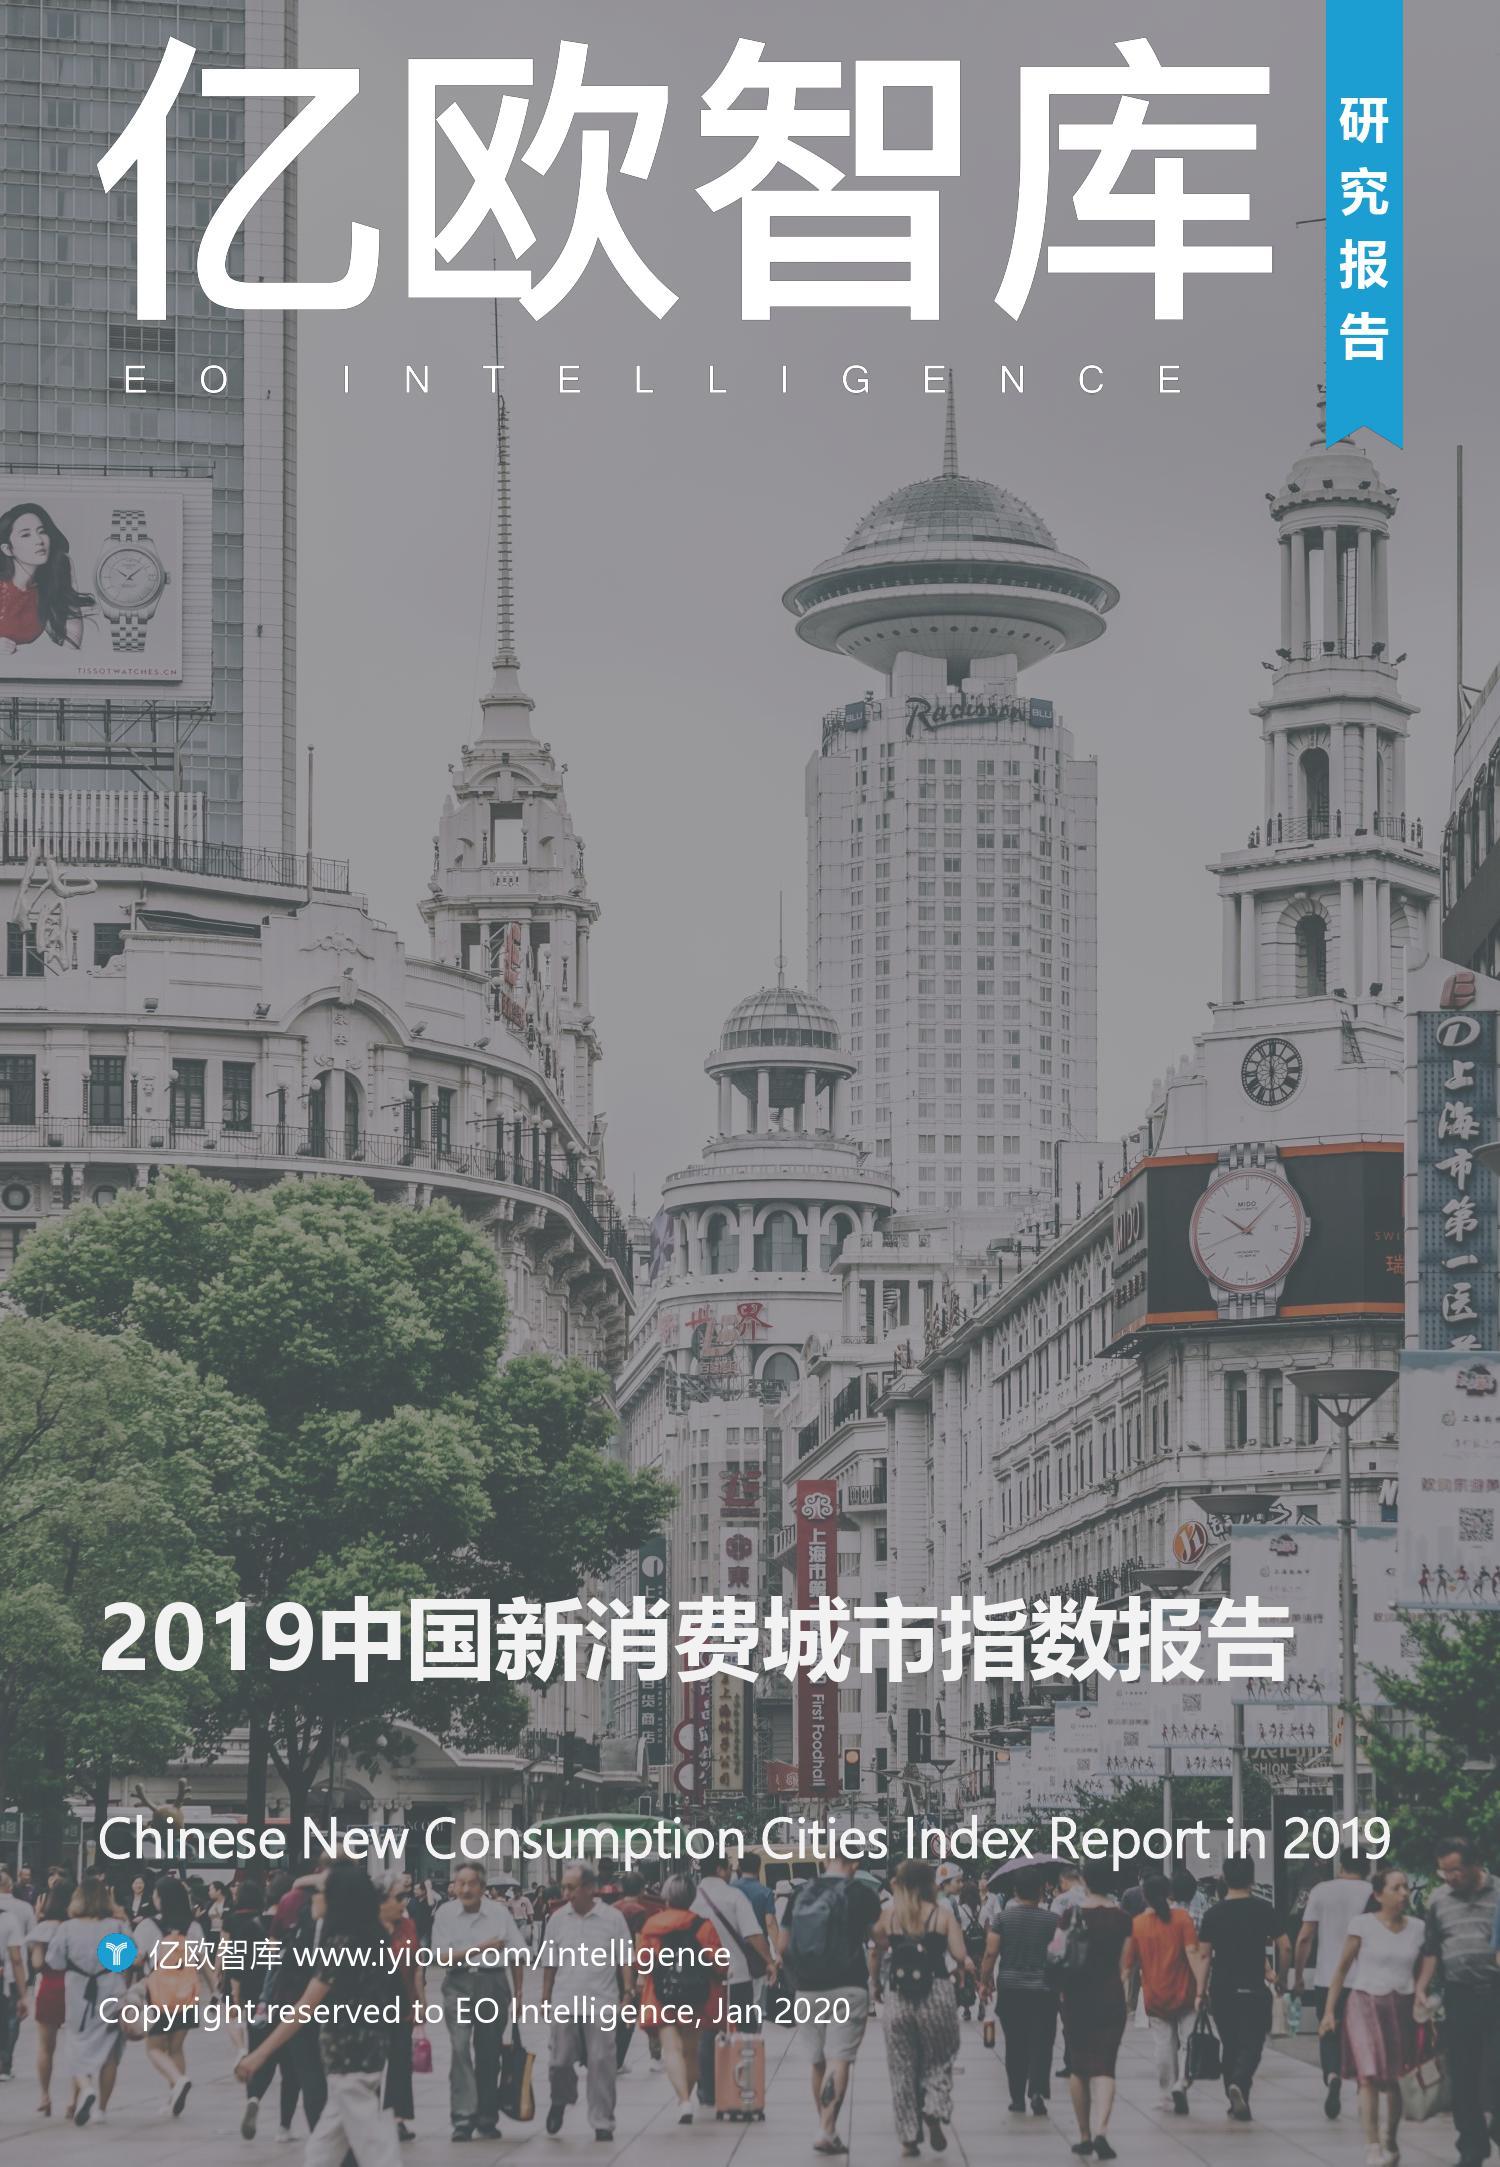 亿欧智库:2019中国新消费城市指数报告(附下载)